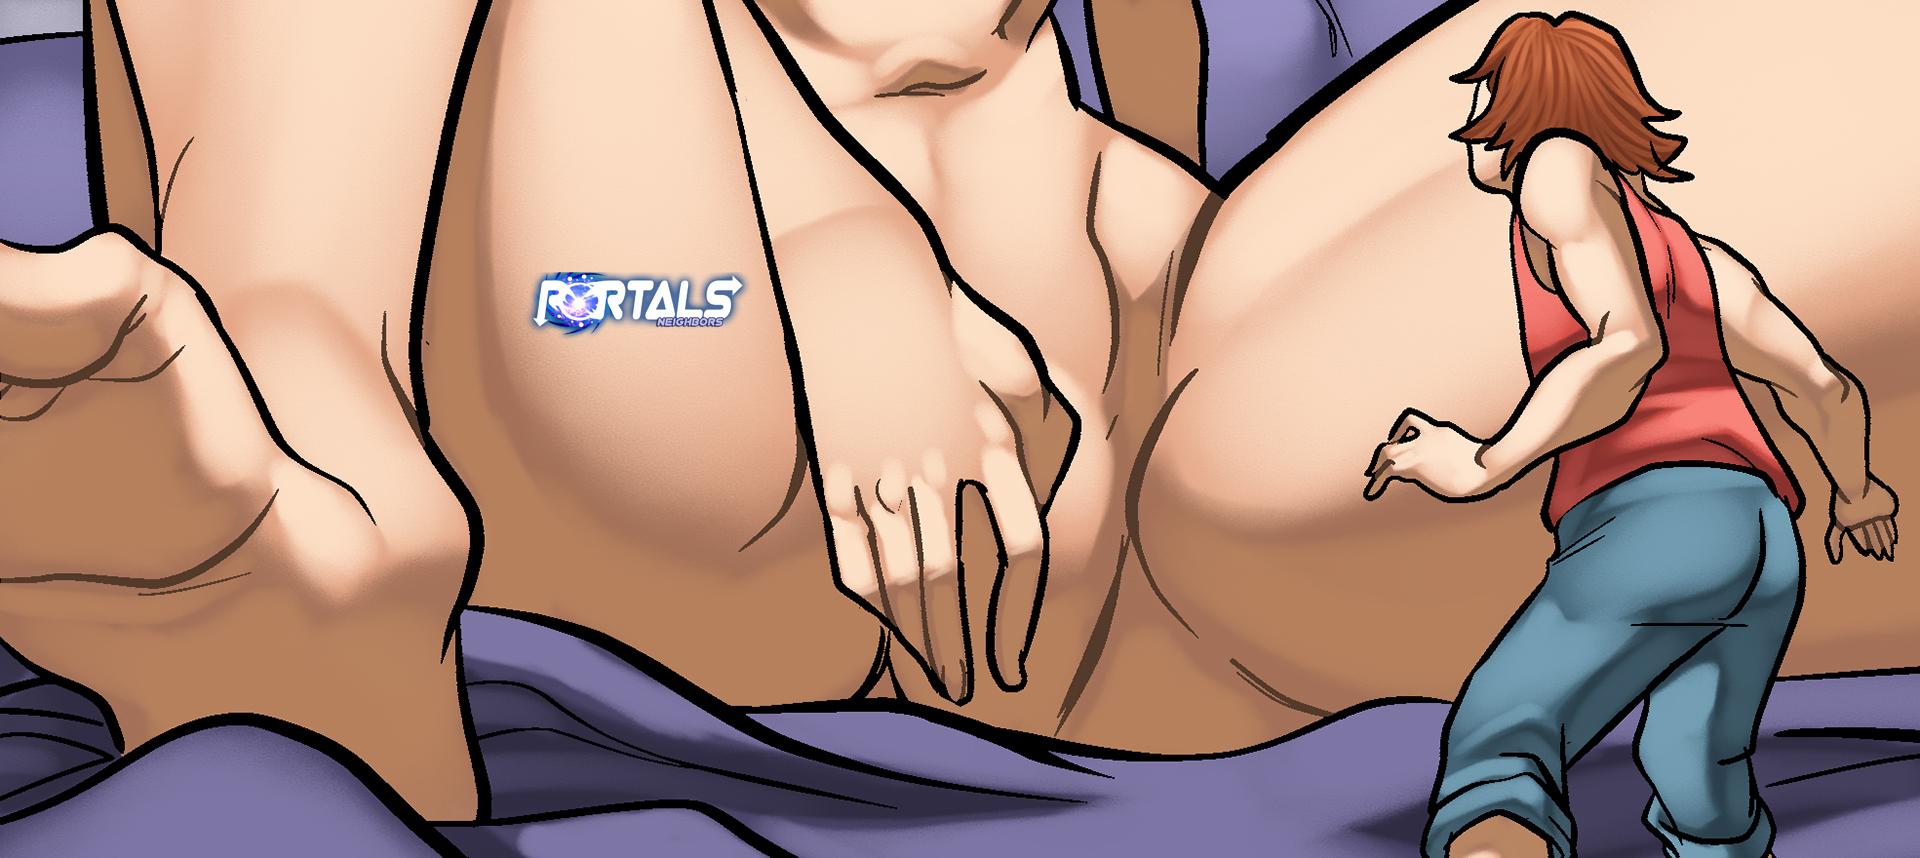 Portals_08-SLIDEb